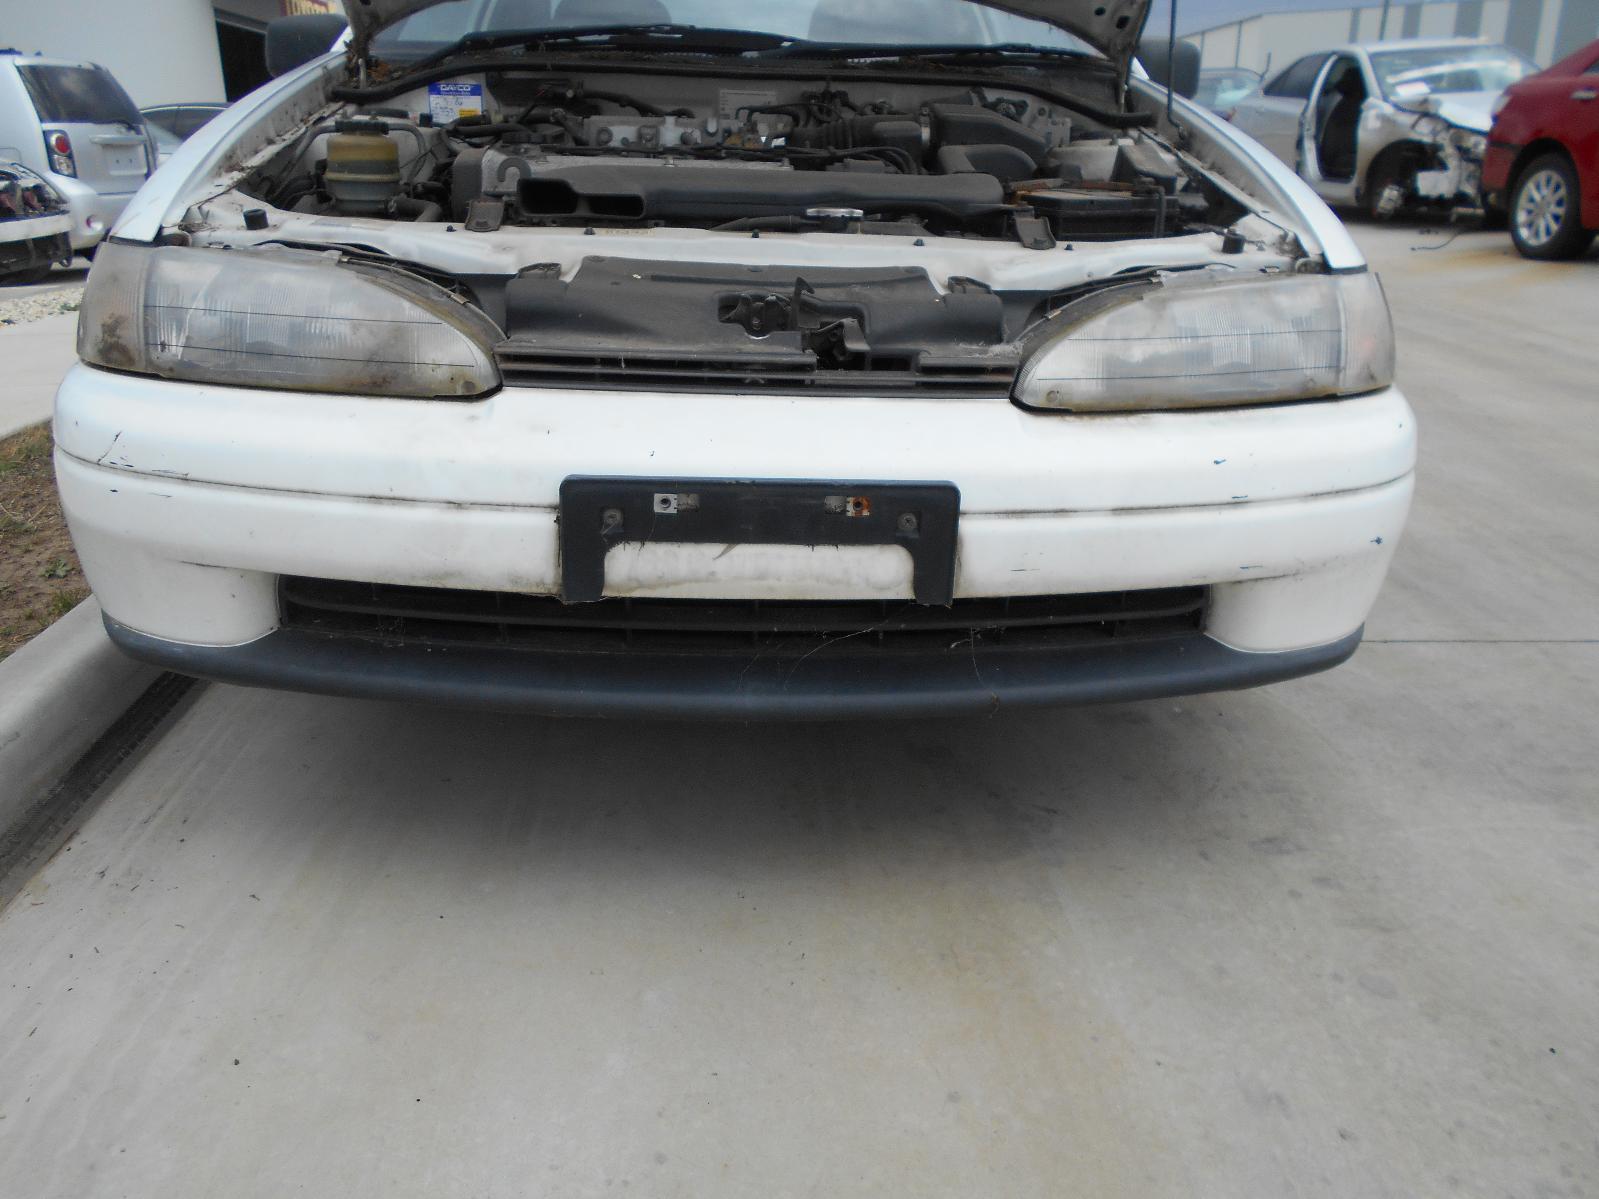 TOYOTA PASEO, Front Bumper, EL44 06/91-11/95